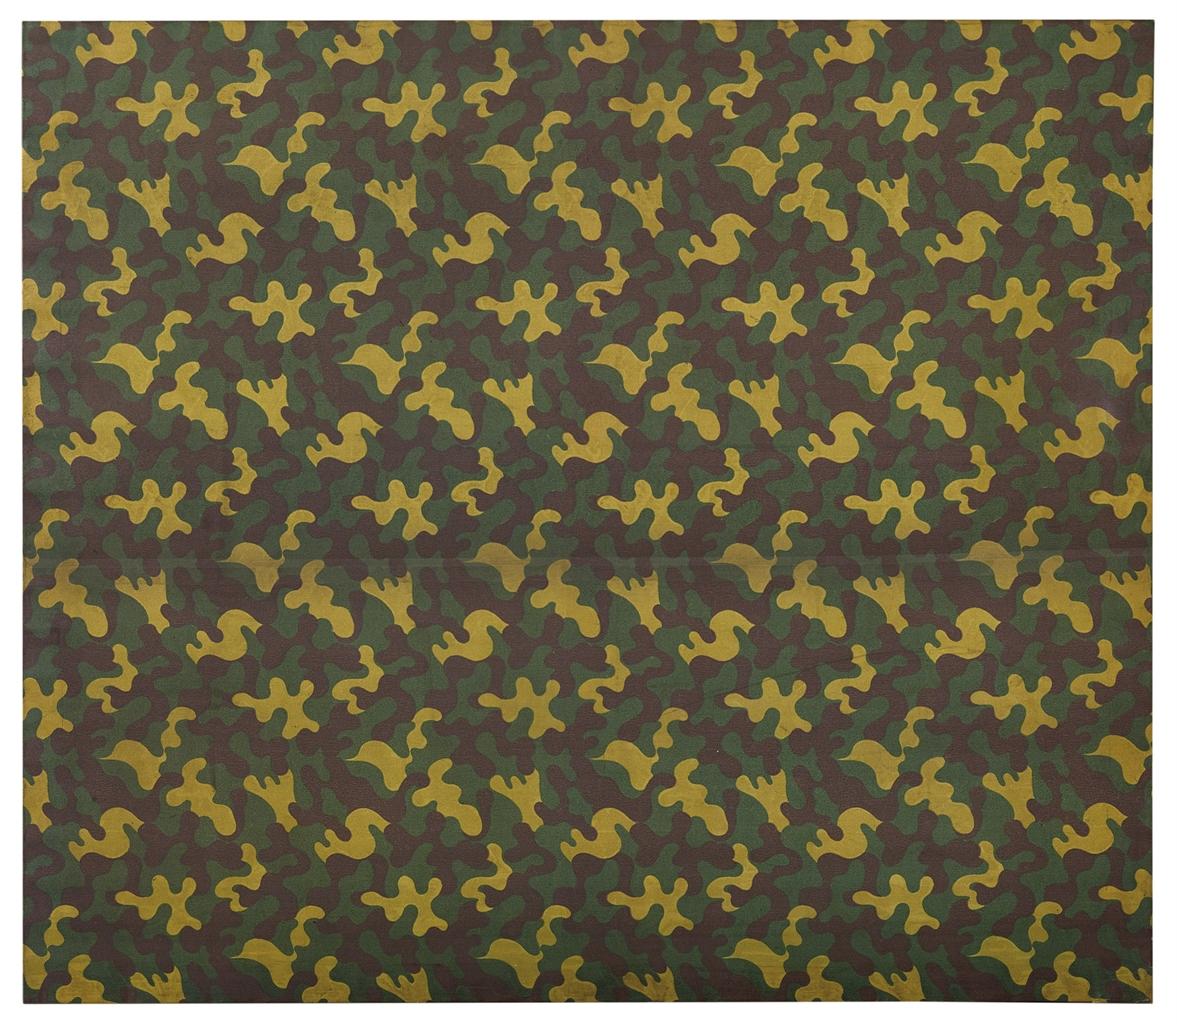 Alighiero Boetti-Mimetico (Camouflage)-1981